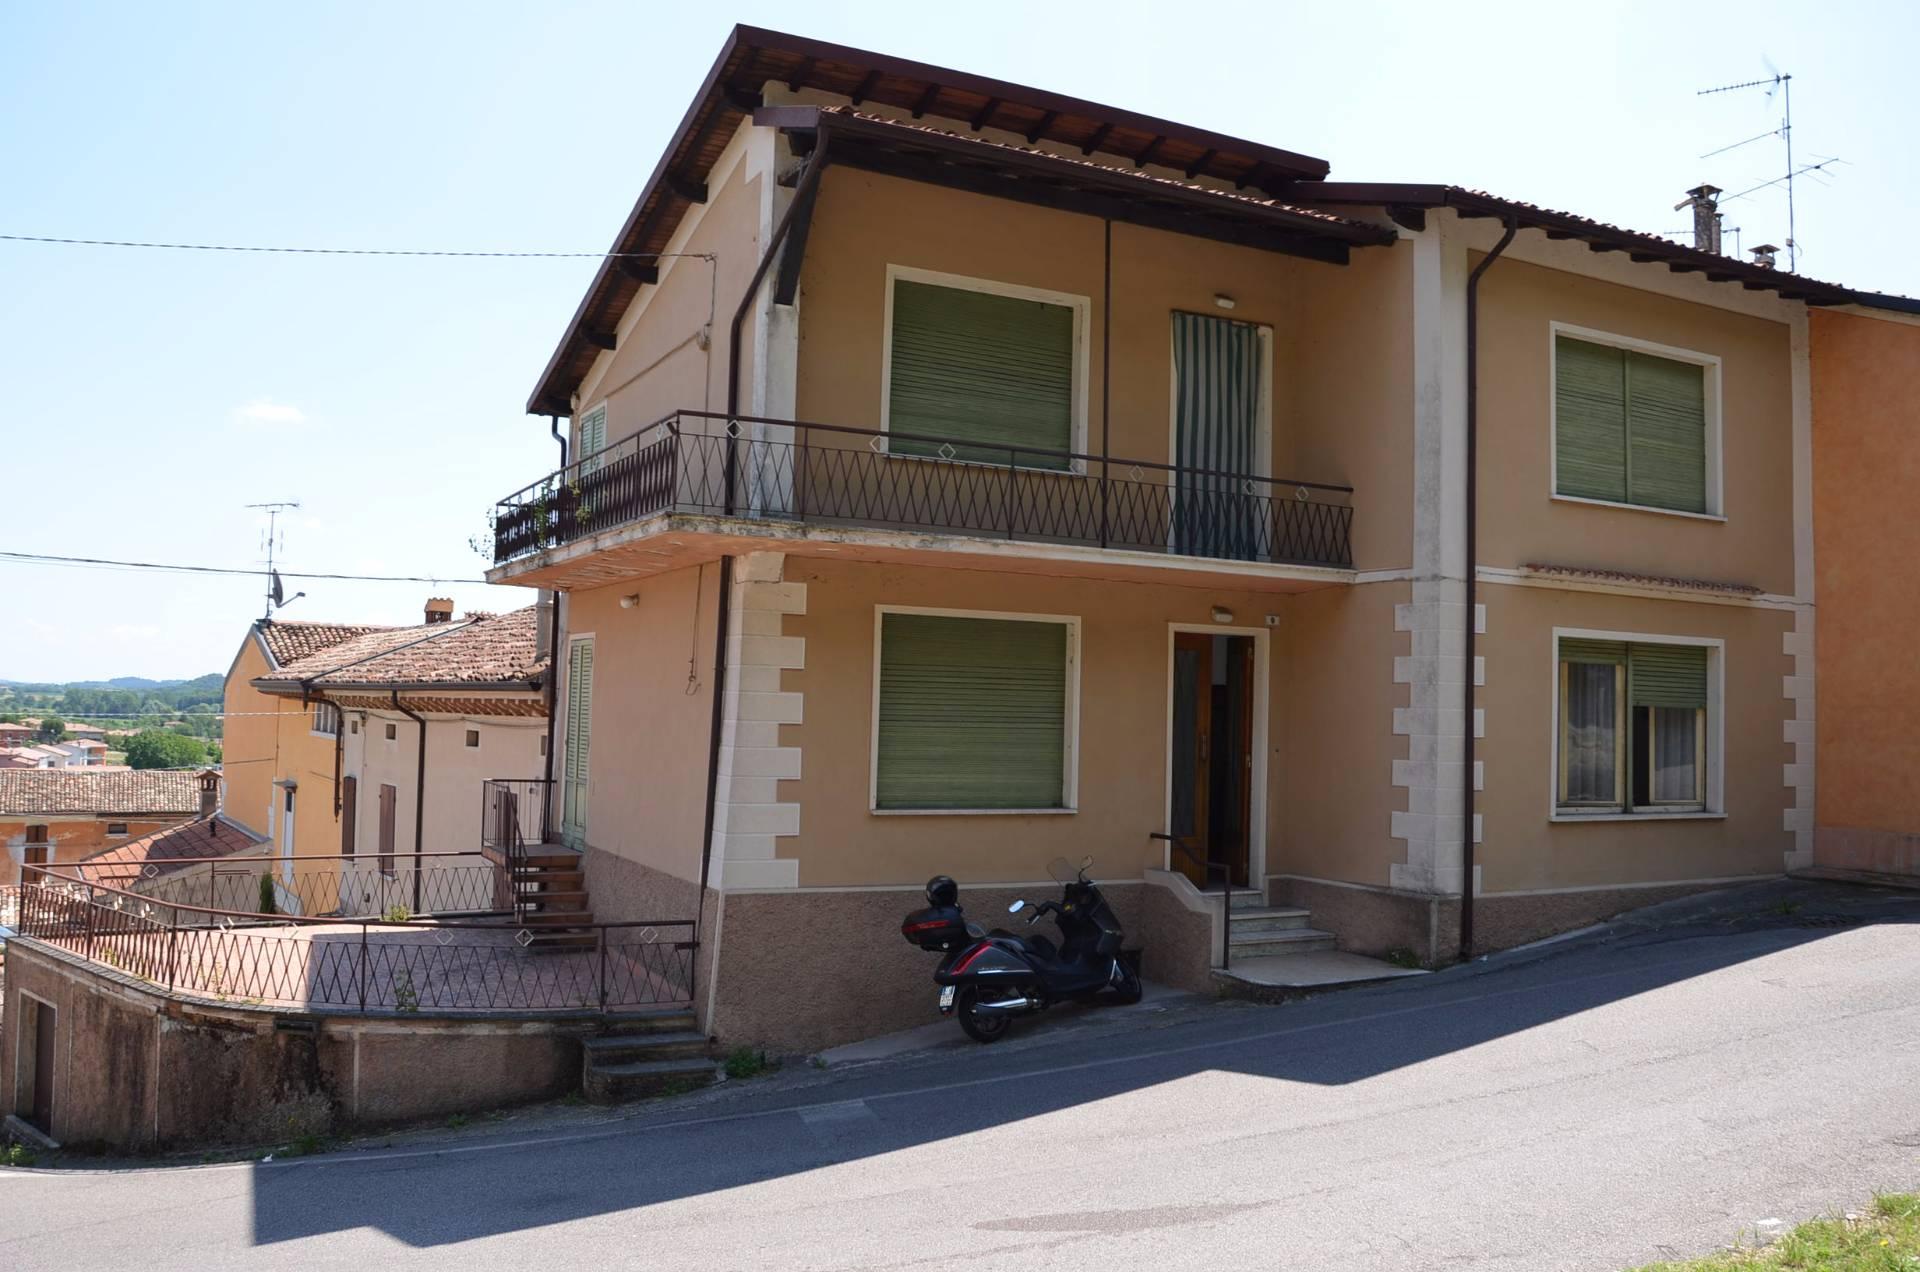 Rustico / Casale in vendita a Solferino, 5 locali, prezzo € 80.000 | PortaleAgenzieImmobiliari.it